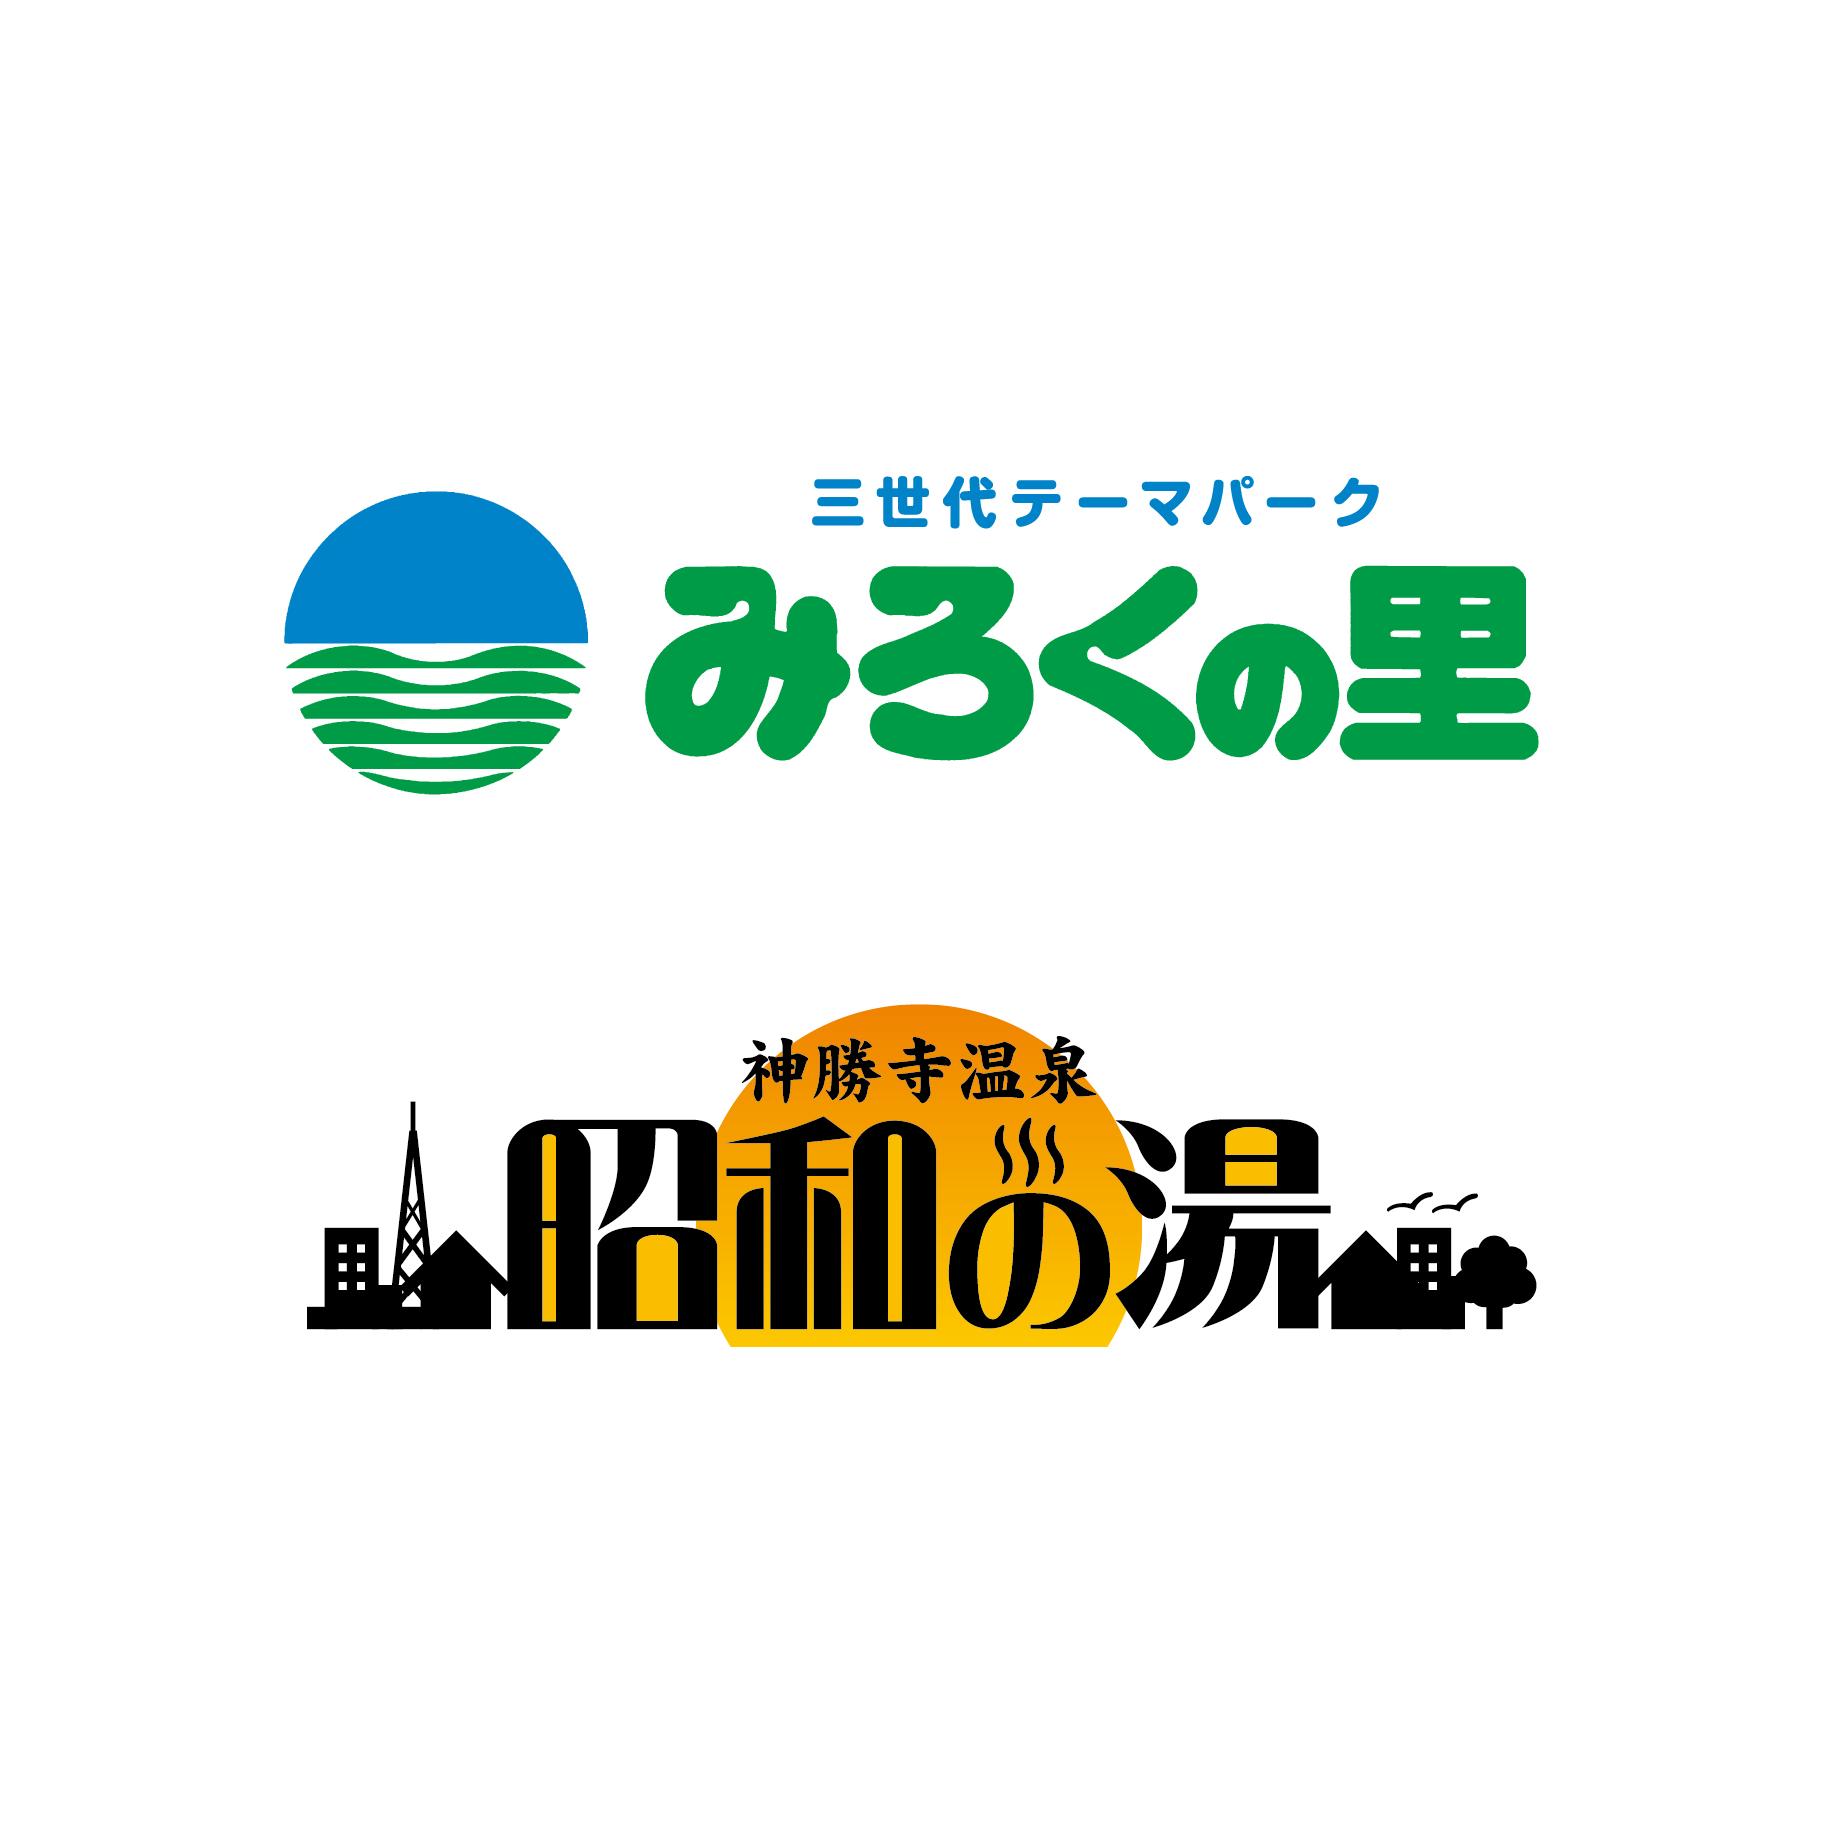 [お知らせ]みろくの里・昭和の湯、7/17(金)台風接近により臨時休業